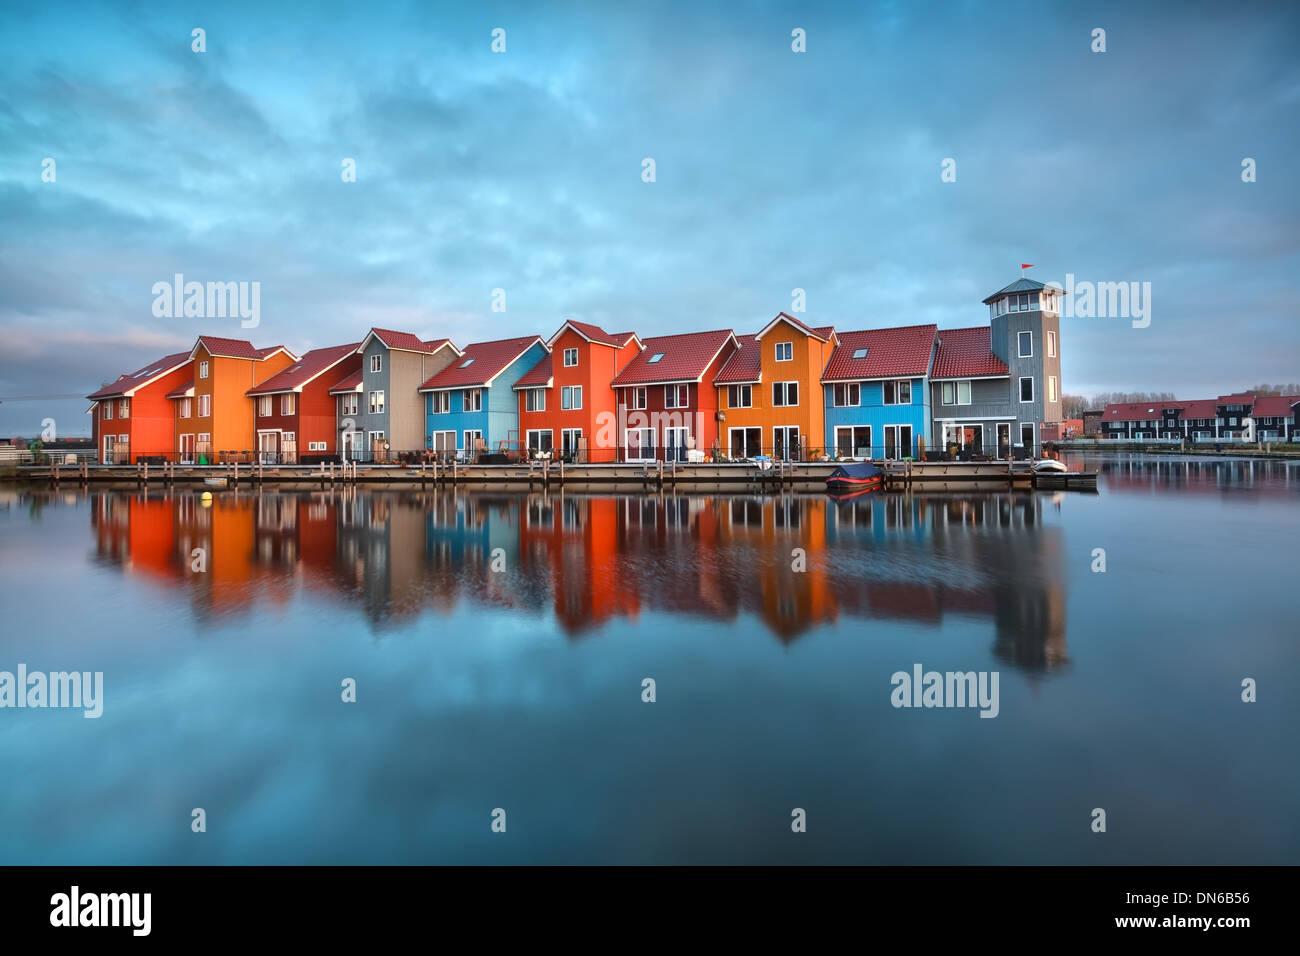 Bâtiments colorés sur l'eau au lever du soleil, Groningen, Pays-Bas Banque D'Images